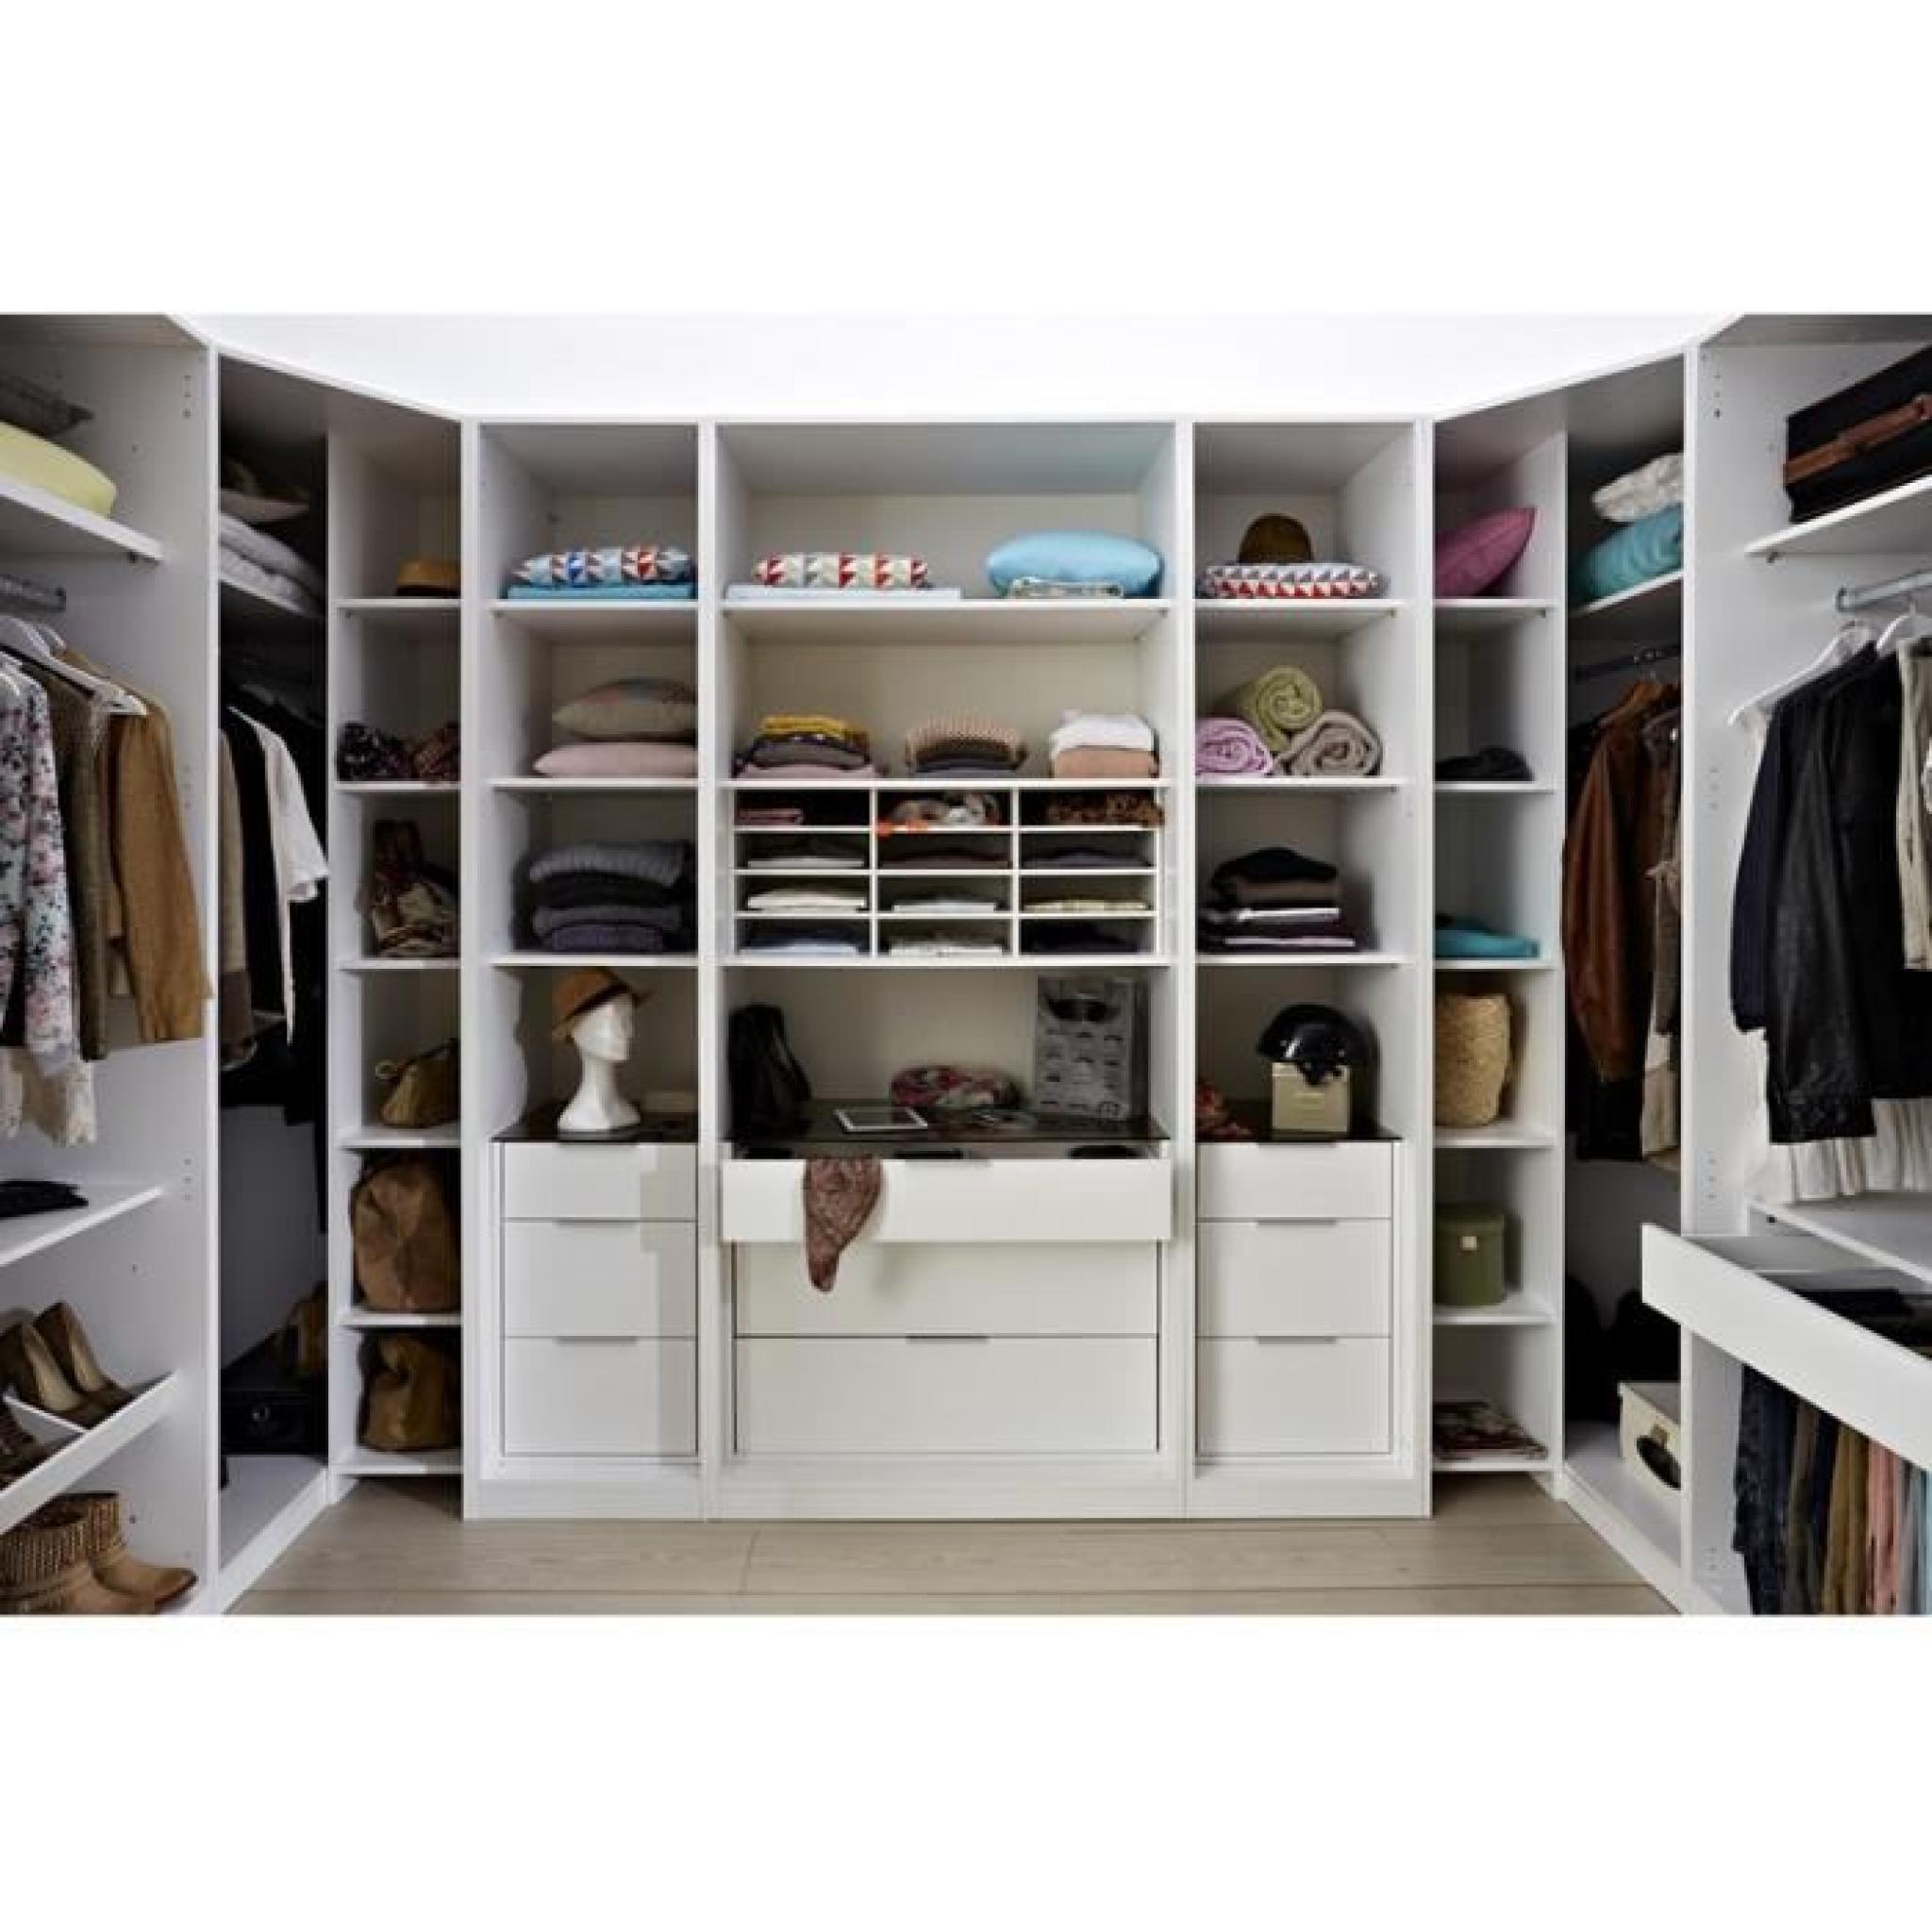 porte coulissante dressing 100cm facility blanc brillant paris prix achat vente dressing. Black Bedroom Furniture Sets. Home Design Ideas